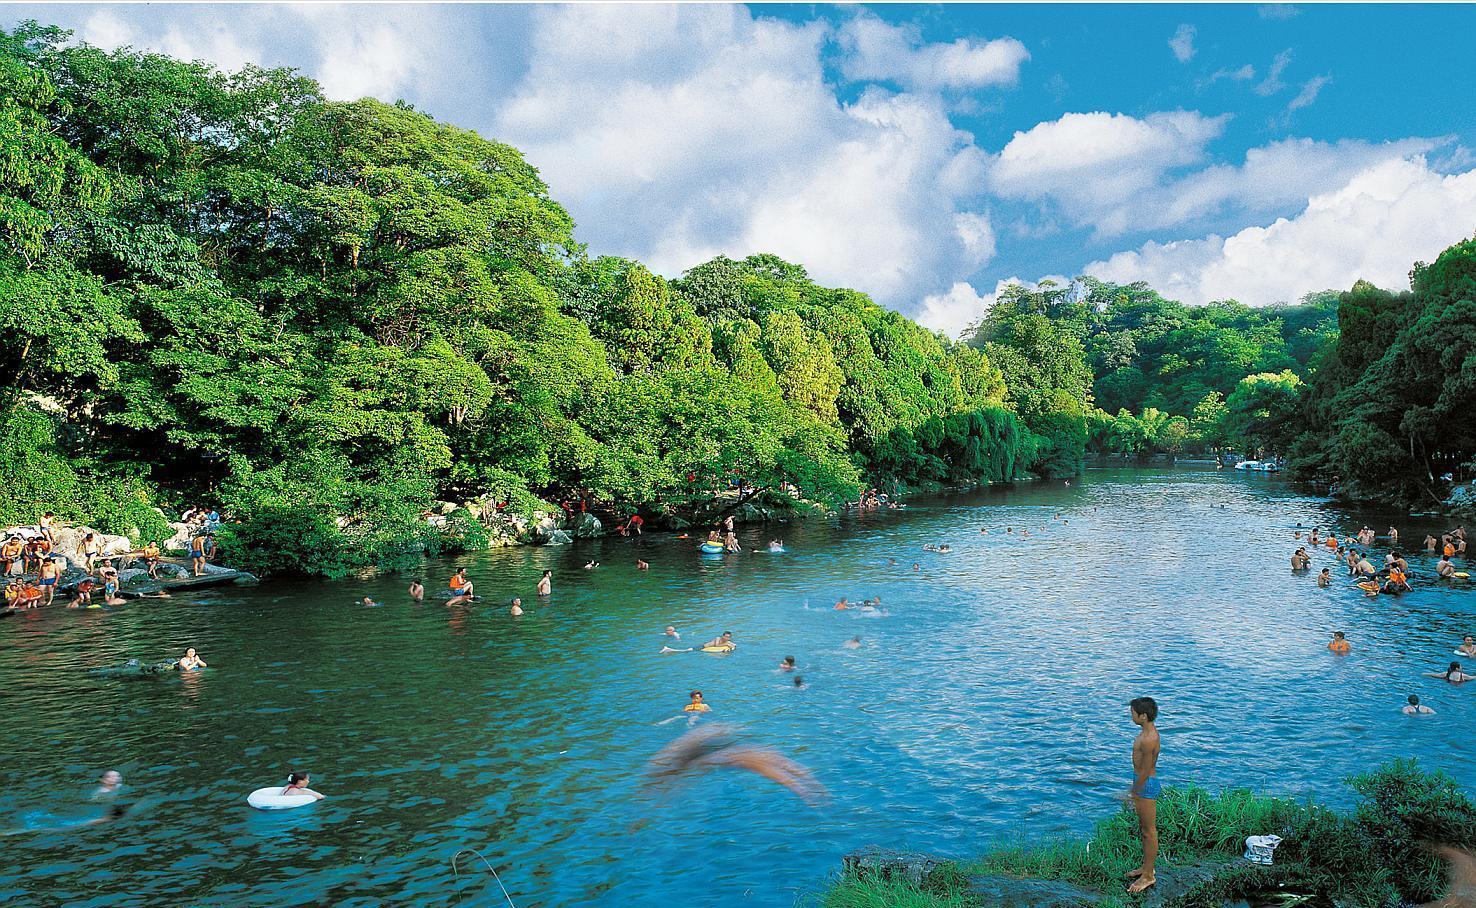 买信托网带你v信托夏天放大圣地_视频(dcblog)避暑西瓜博客图片